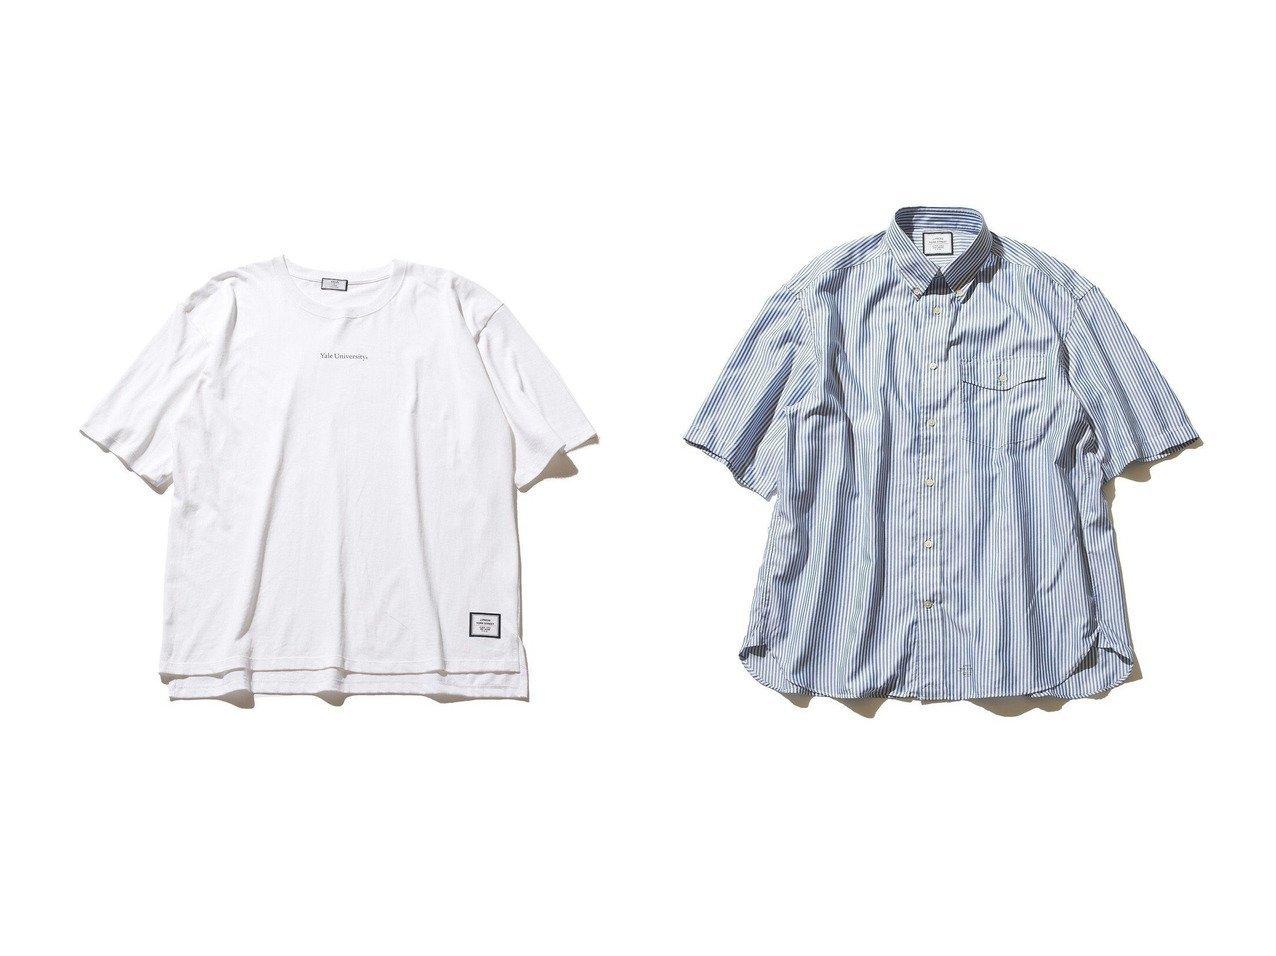 【J.PRESS YORK STREET/ジェイプレスヨークストリート】の【UNISEX】ハイカウントストライプ ツイルシャツ&【UNISEX】天竺 YALE UNIVERSITTY Tシャツ 【トップス・カットソー】おすすめ!人気、トレンド・レディースファッションの通販 おすすめで人気の流行・トレンド、ファッションの通販商品 インテリア・家具・メンズファッション・キッズファッション・レディースファッション・服の通販 founy(ファニー) https://founy.com/ ファッション Fashion レディースファッション WOMEN トップス・カットソー Tops/Tshirt シャツ/ブラウス Shirts/Blouses ロング / Tシャツ T-Shirts カットソー Cut and Sewn 送料無料 Free Shipping UNISEX ショルダー ドロップ ワイド 半袖 長袖 カットソー |ID:crp329100000055309